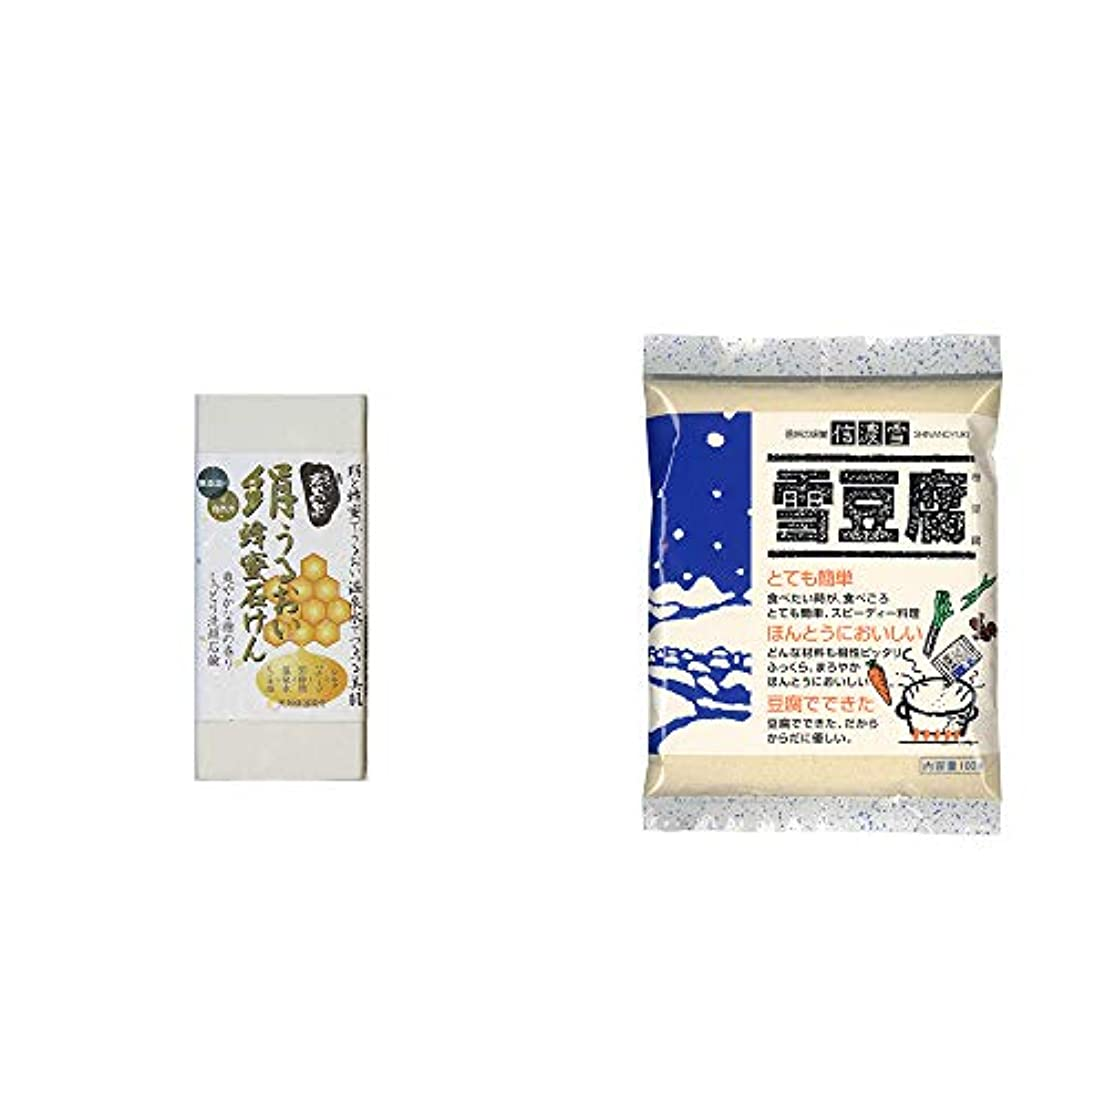 閉じ込めるコントロール不調和[2点セット] ひのき炭黒泉 絹うるおい蜂蜜石けん(75g×2)?信濃雪 雪豆腐(粉豆腐)(100g)